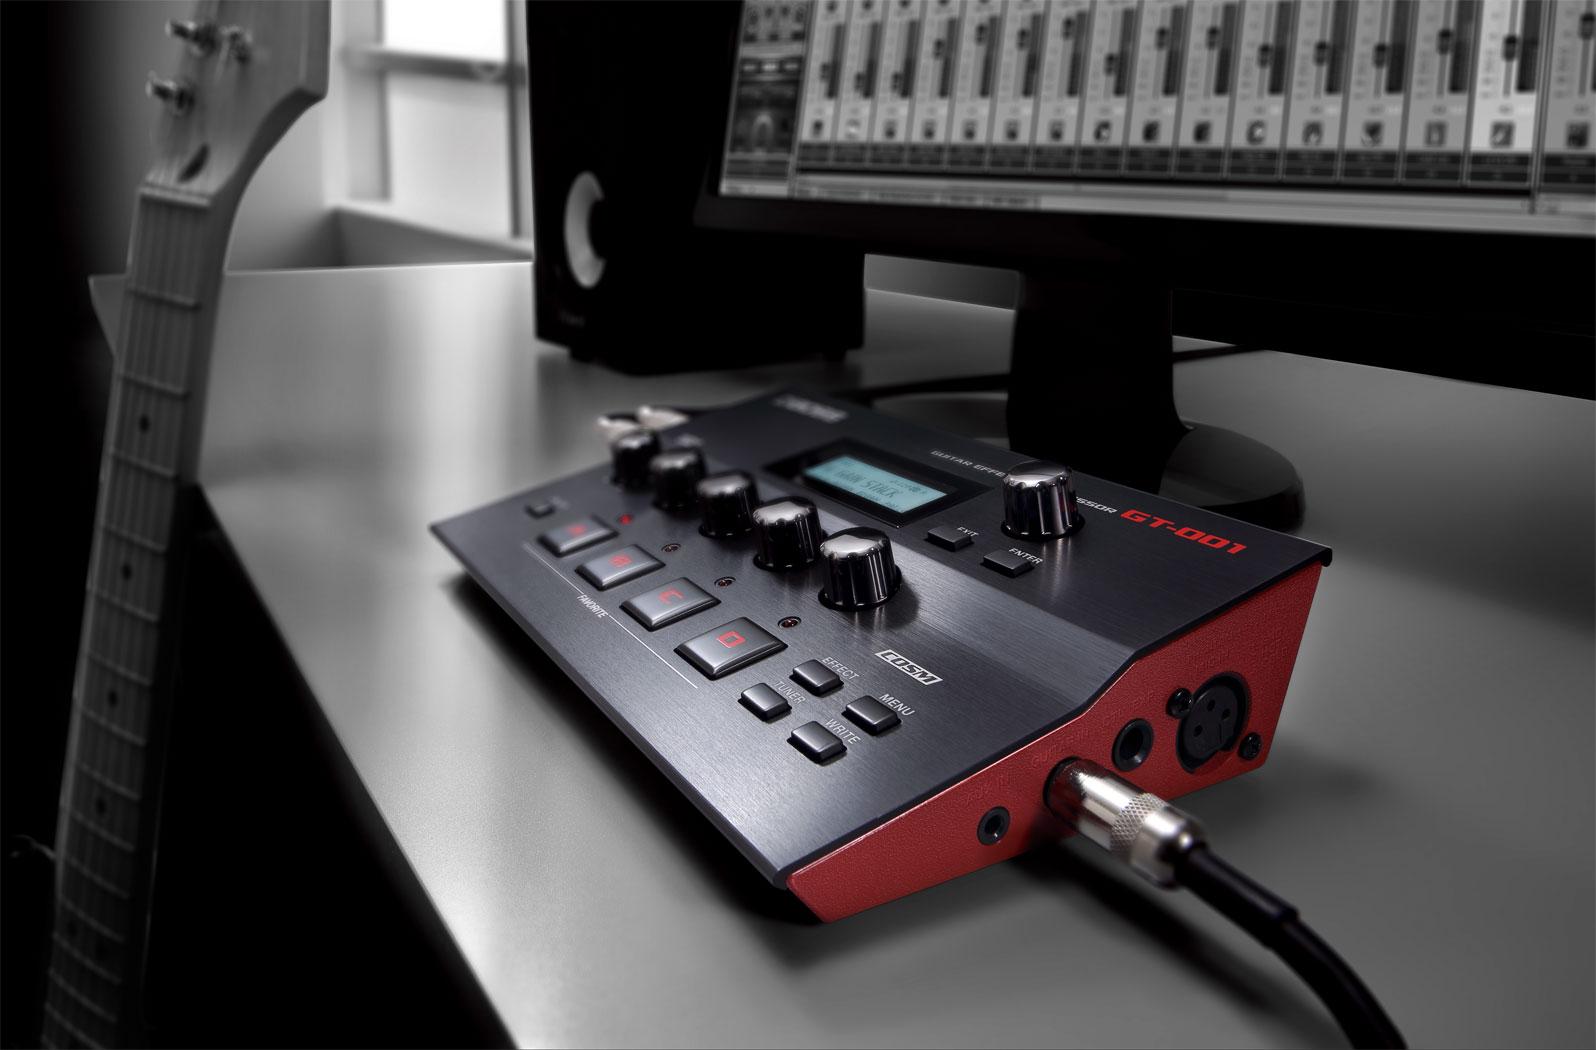 无论用于工作室或移动演出,时尚的GT-001桌面型效果器所配备来自于GT-100 2.0的高品质音箱模拟及效果都将让您得心应手。小巧的机身可以让您丝毫不用担心在工作台上的摆放问题,直观的设计界面让您可以轻松的使用世界级的音色进行录音或练习。除了吉他输入,配有一个XLR话筒输入可以让您录制人声或原声乐器,内置USB音频/MIDI接口可以连接电脑用您喜欢的DAW软件进行音乐制作。